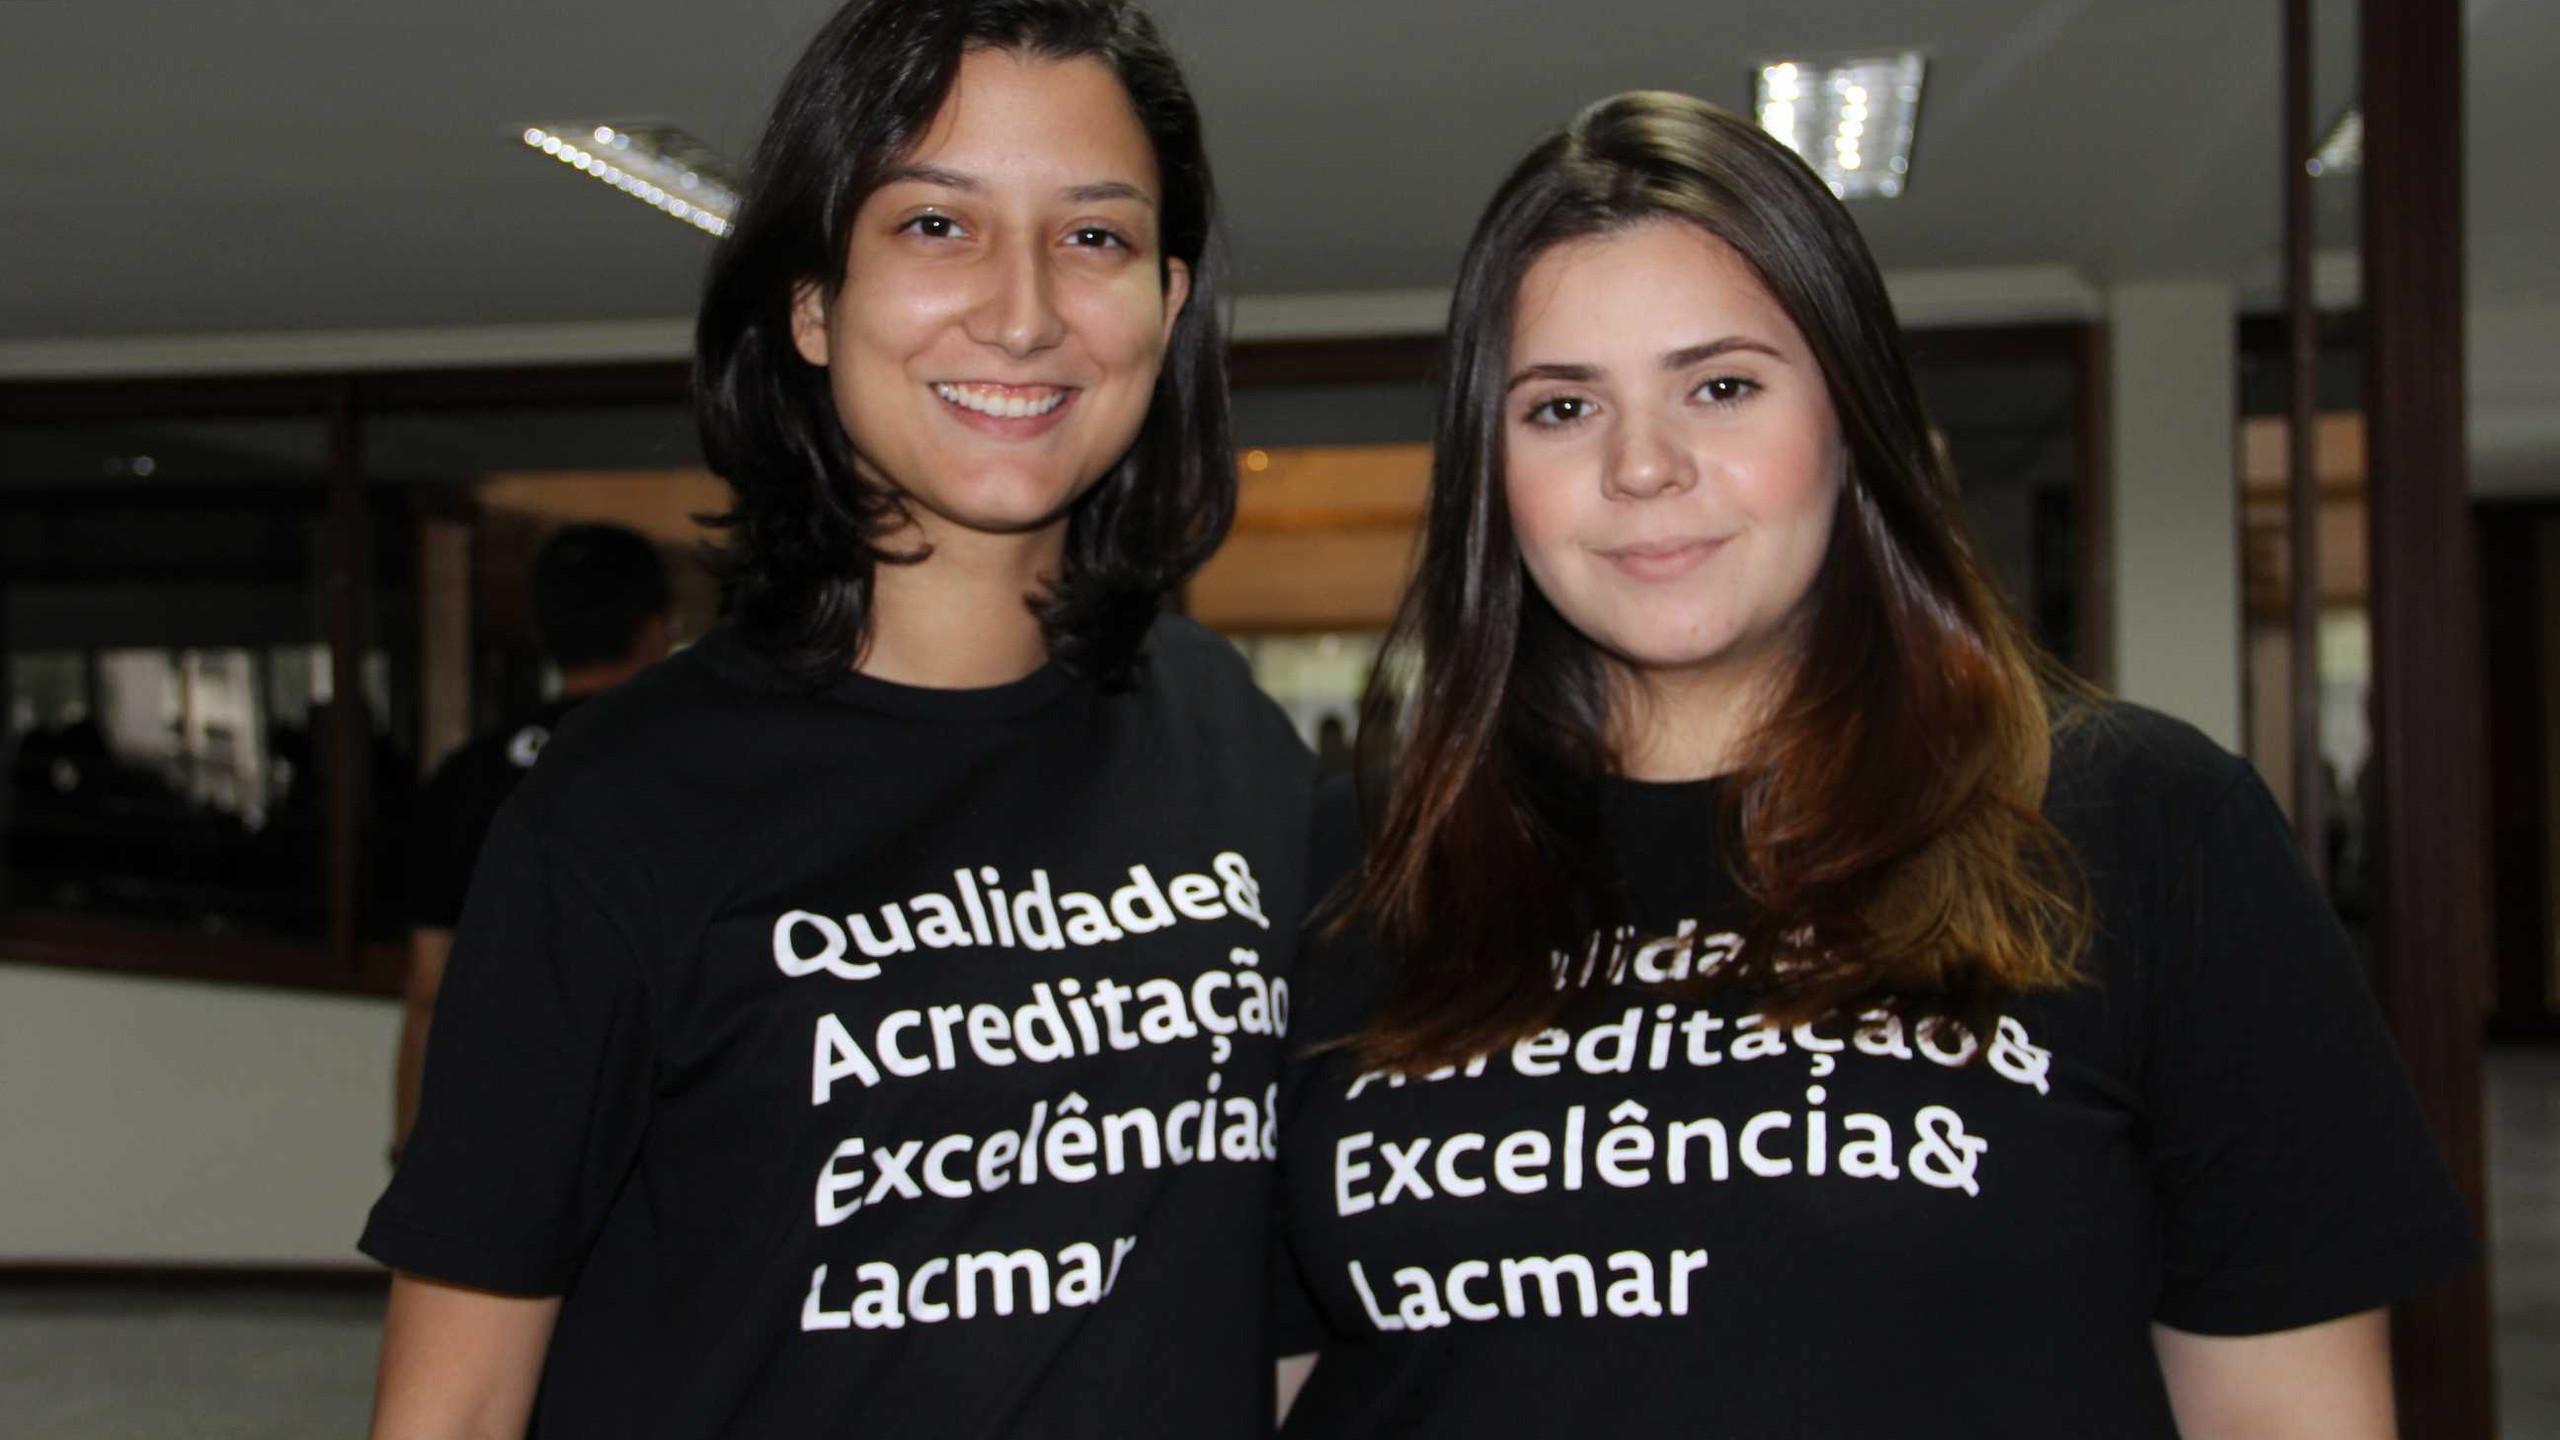 Luzimar de Araújo e Hellen Sampaio.